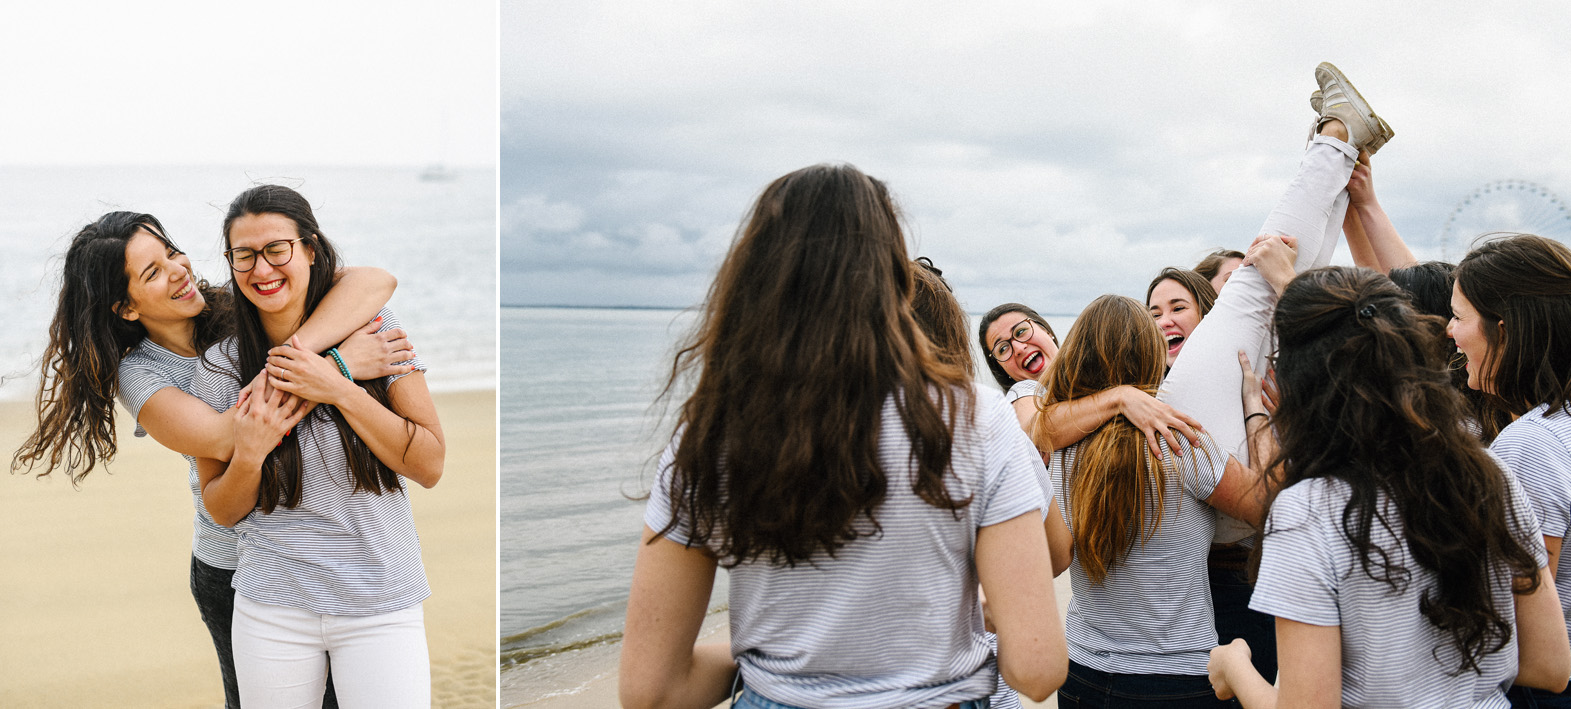 une femme est portée par ses amies sur la plage